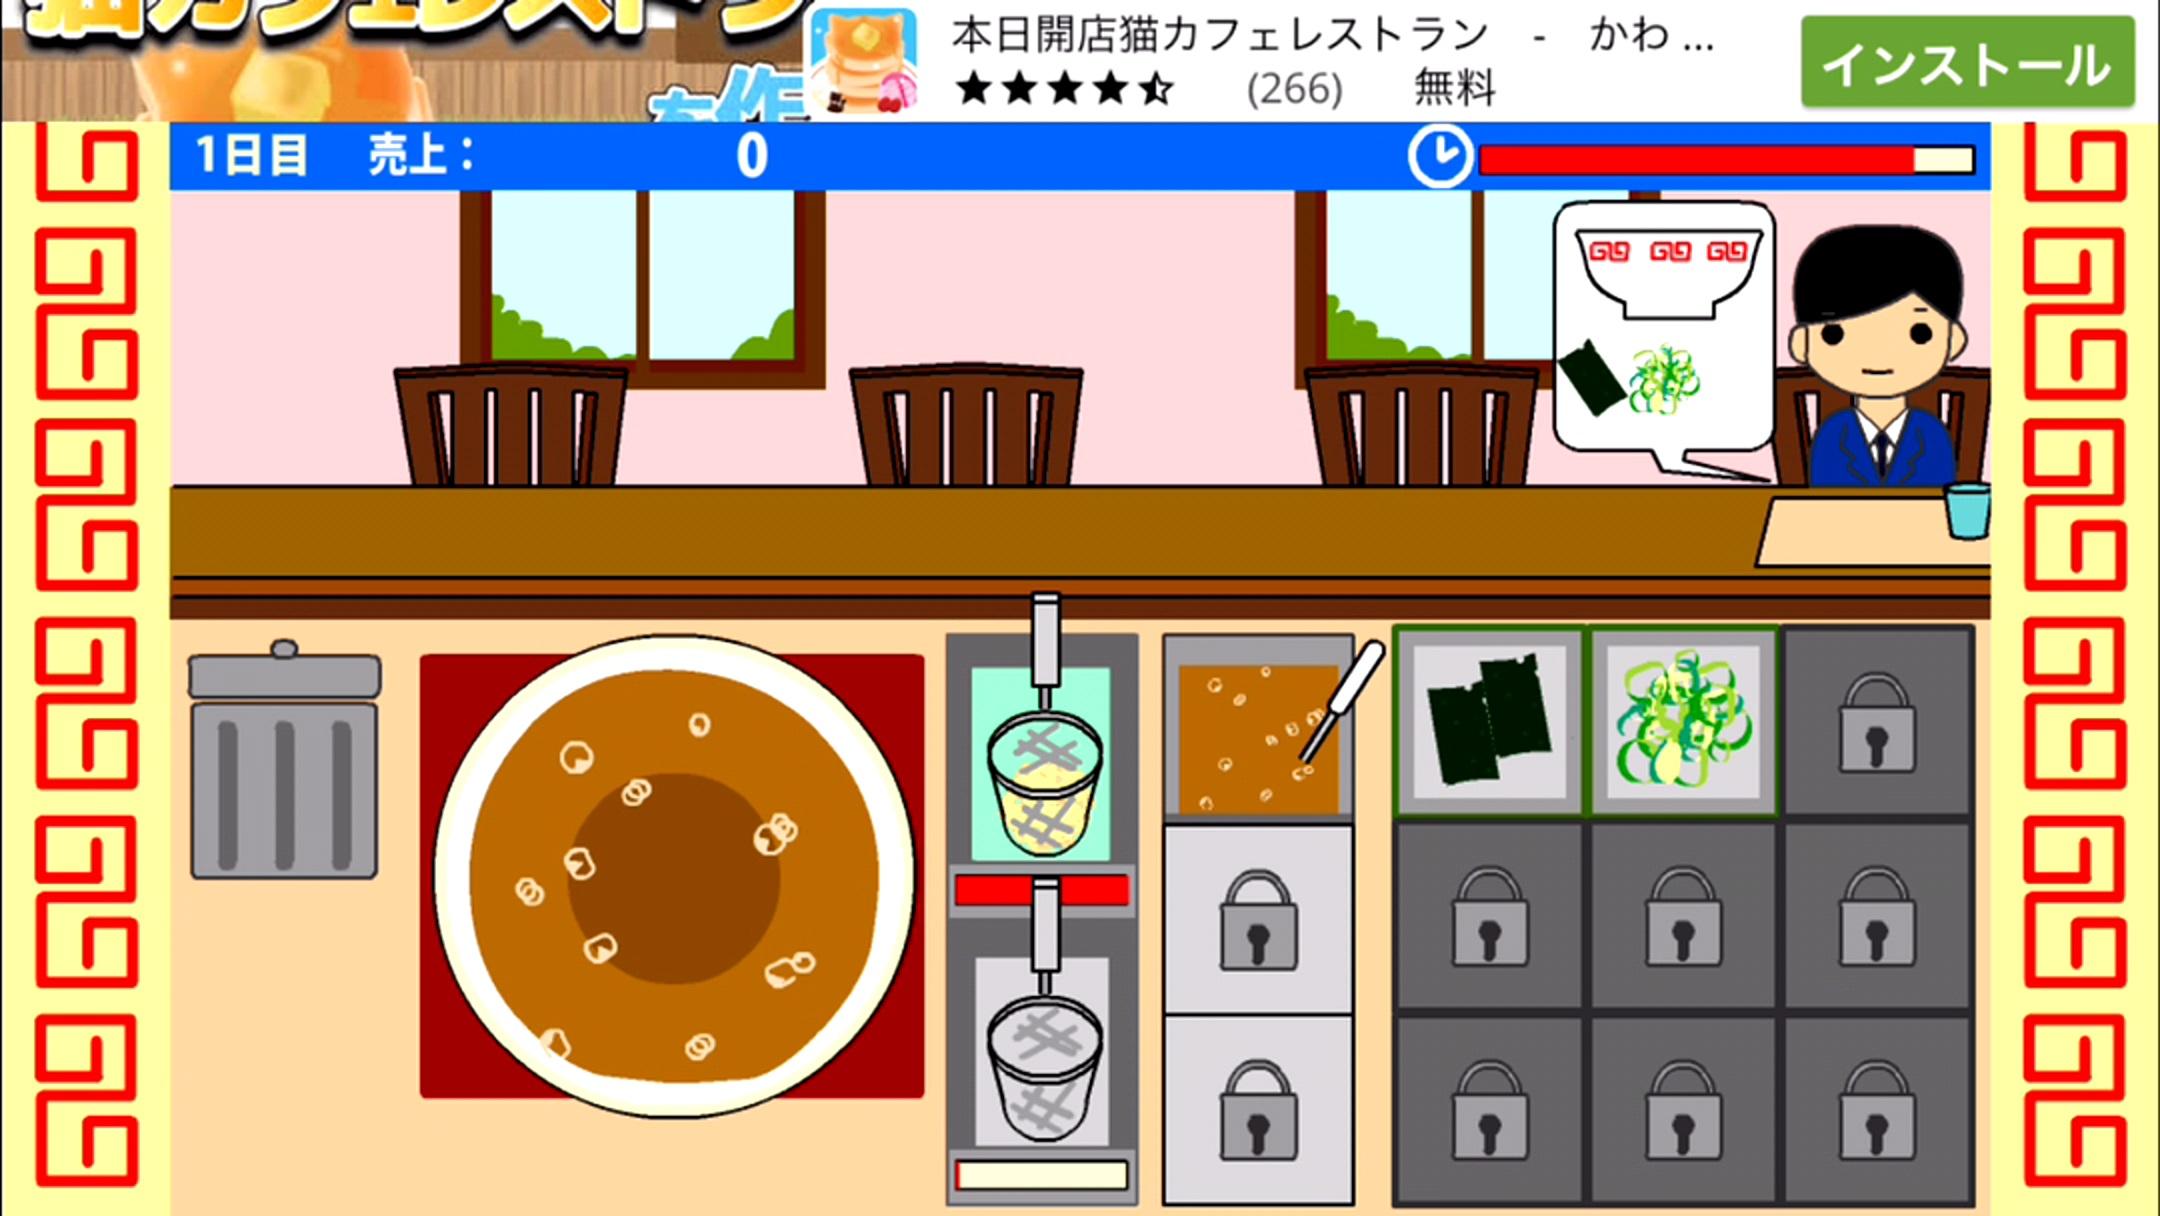 本日開店ラーメン屋さん androidアプリスクリーンショット1